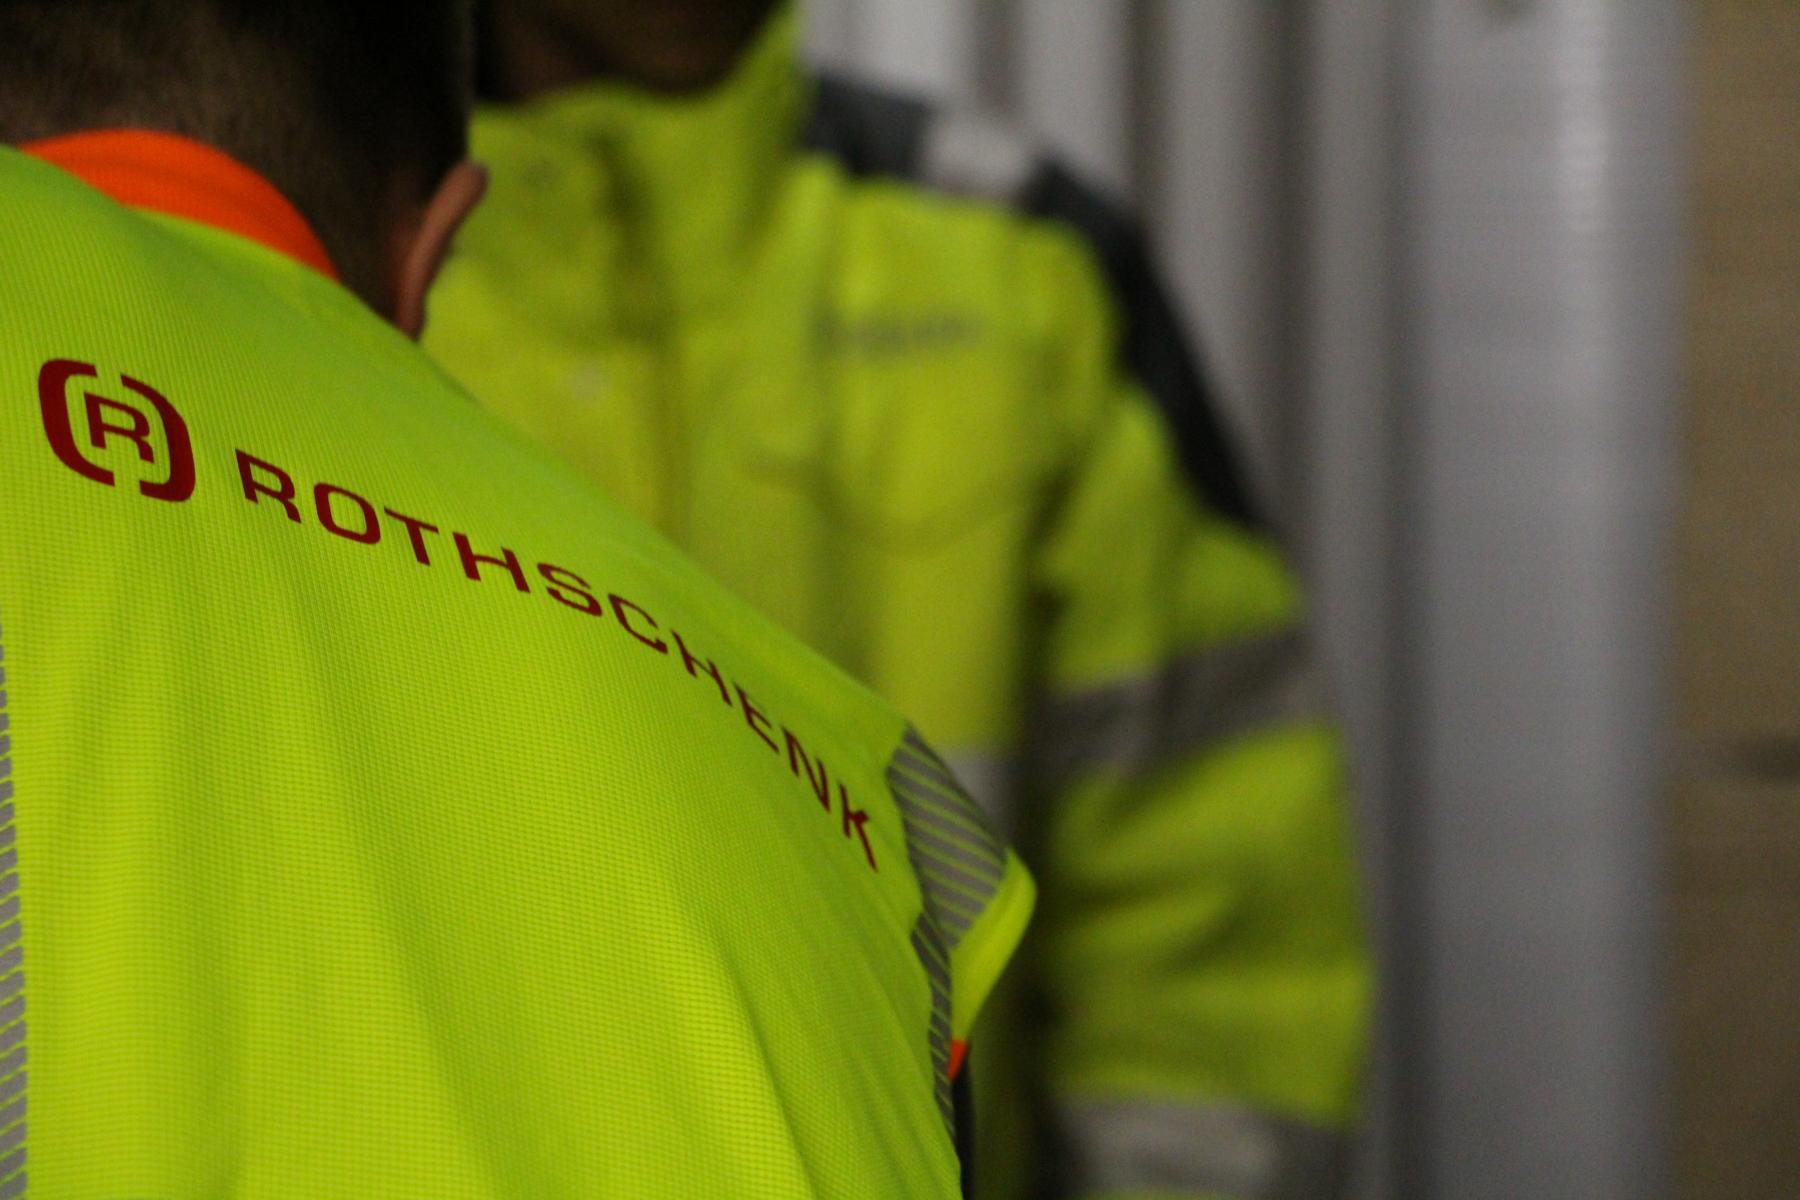 Wer ist verantwortlich bei der Ladungssicherung?   Serviceleistungen: Mitarbeiter tragen Warnwesten mit Rothschenk-Logo bei einer Verladesituation.